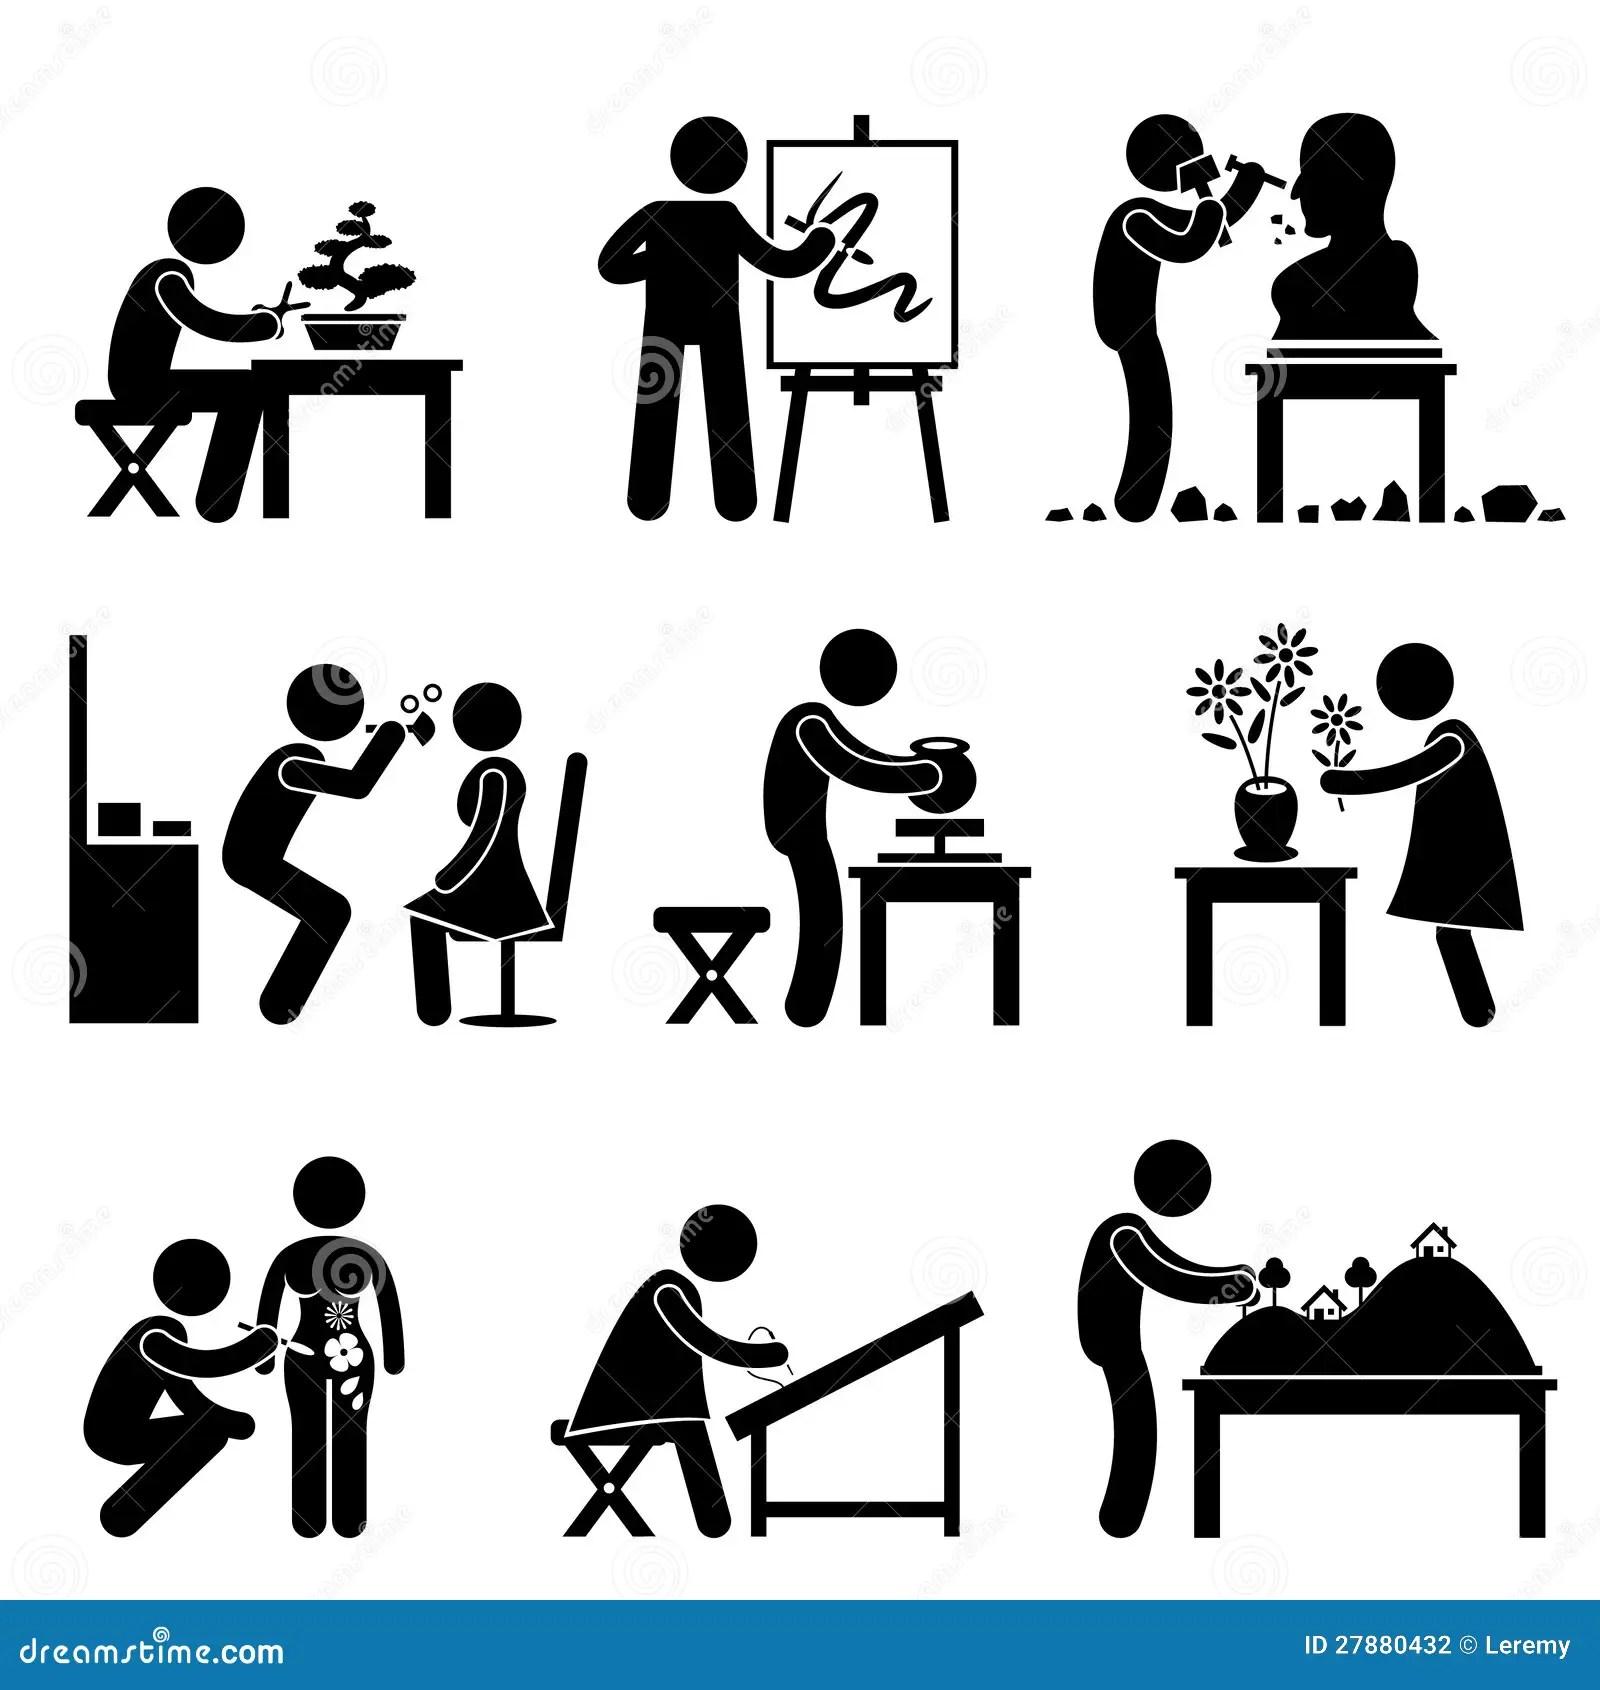 Kunst Kunstlerisches Arbeits Job Besetzungs Piktogramm